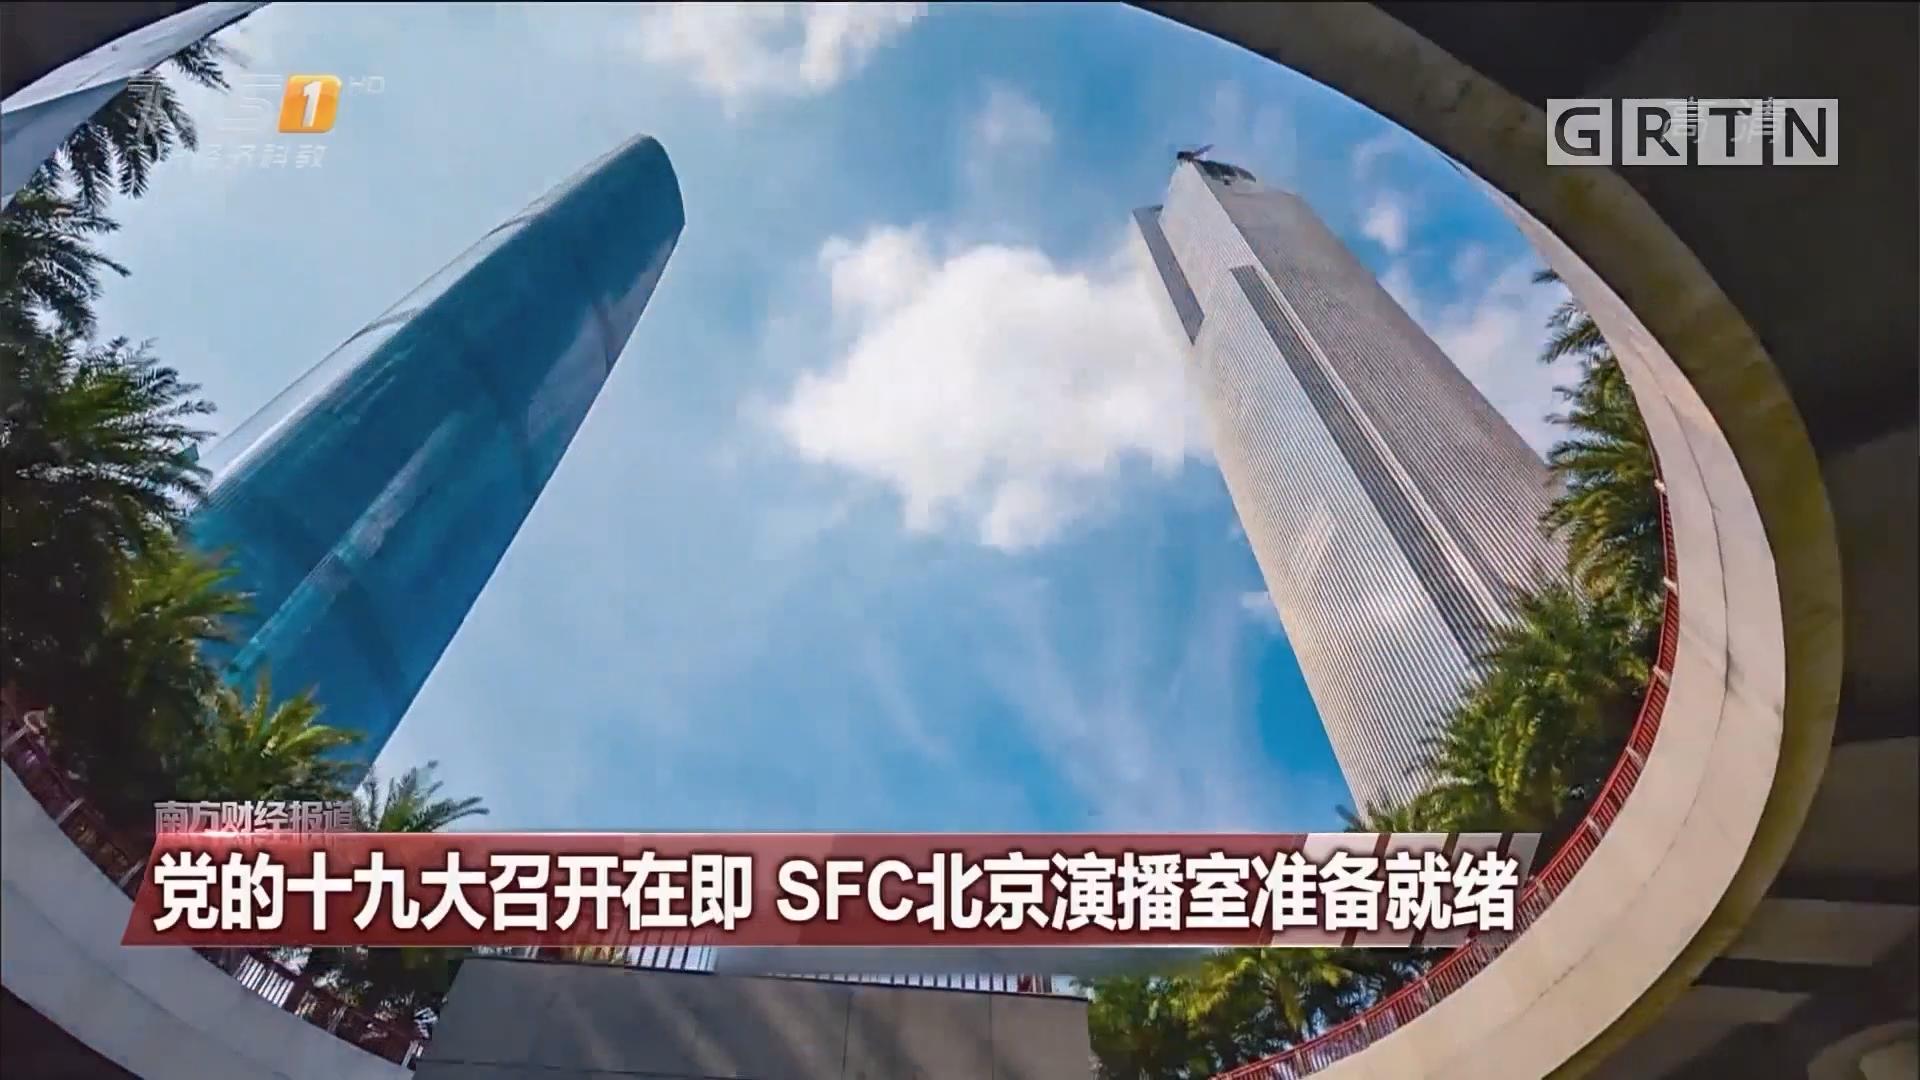 党的十九大召开在即 SFC北京演播室准备就绪